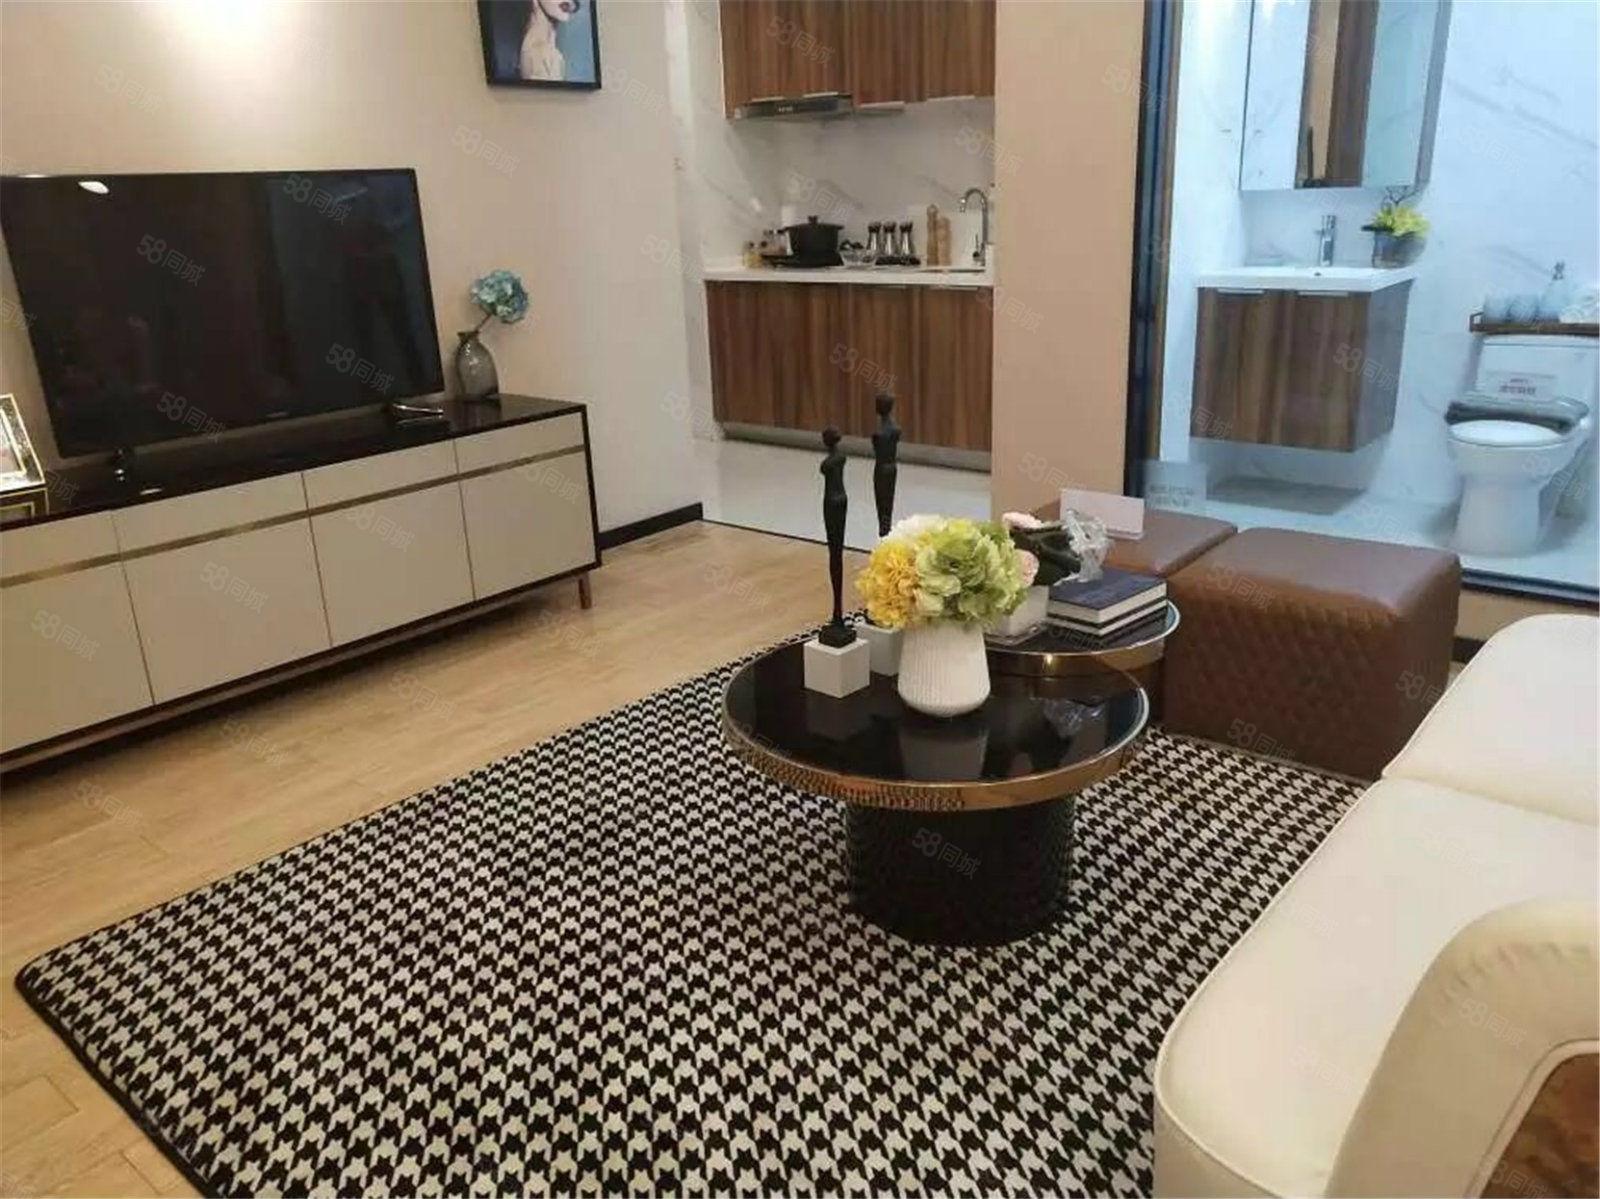 犀浦乐视界公寓首付3.5万单价8800地铁口凯德广场